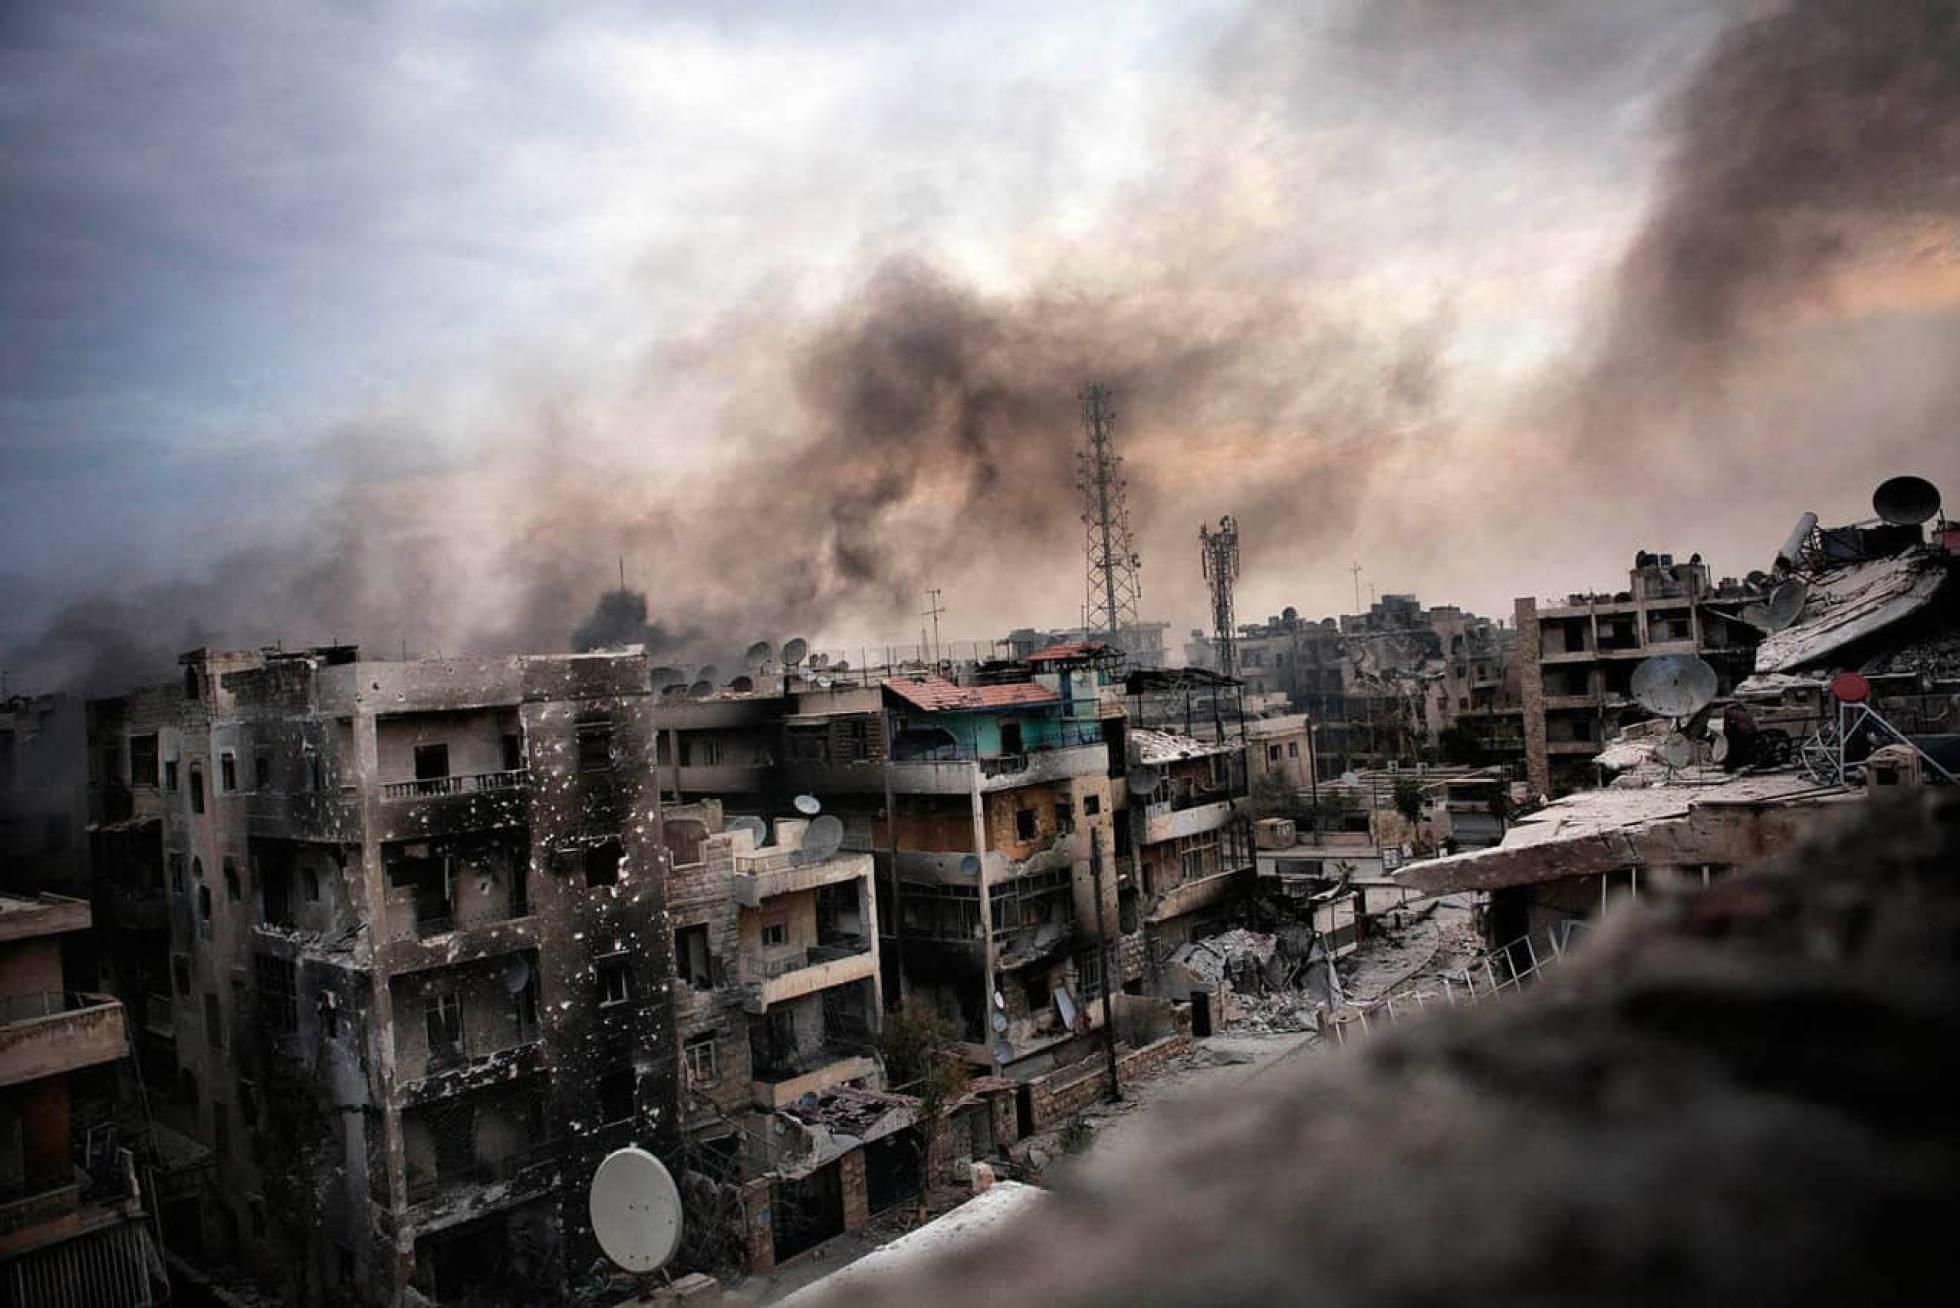 Olas de humo sobre los edificios destruidos en el distrito de Saif al Dawle, en Alepo, Siria, el 02 de octubre de 2012. EPA/MAYSUN